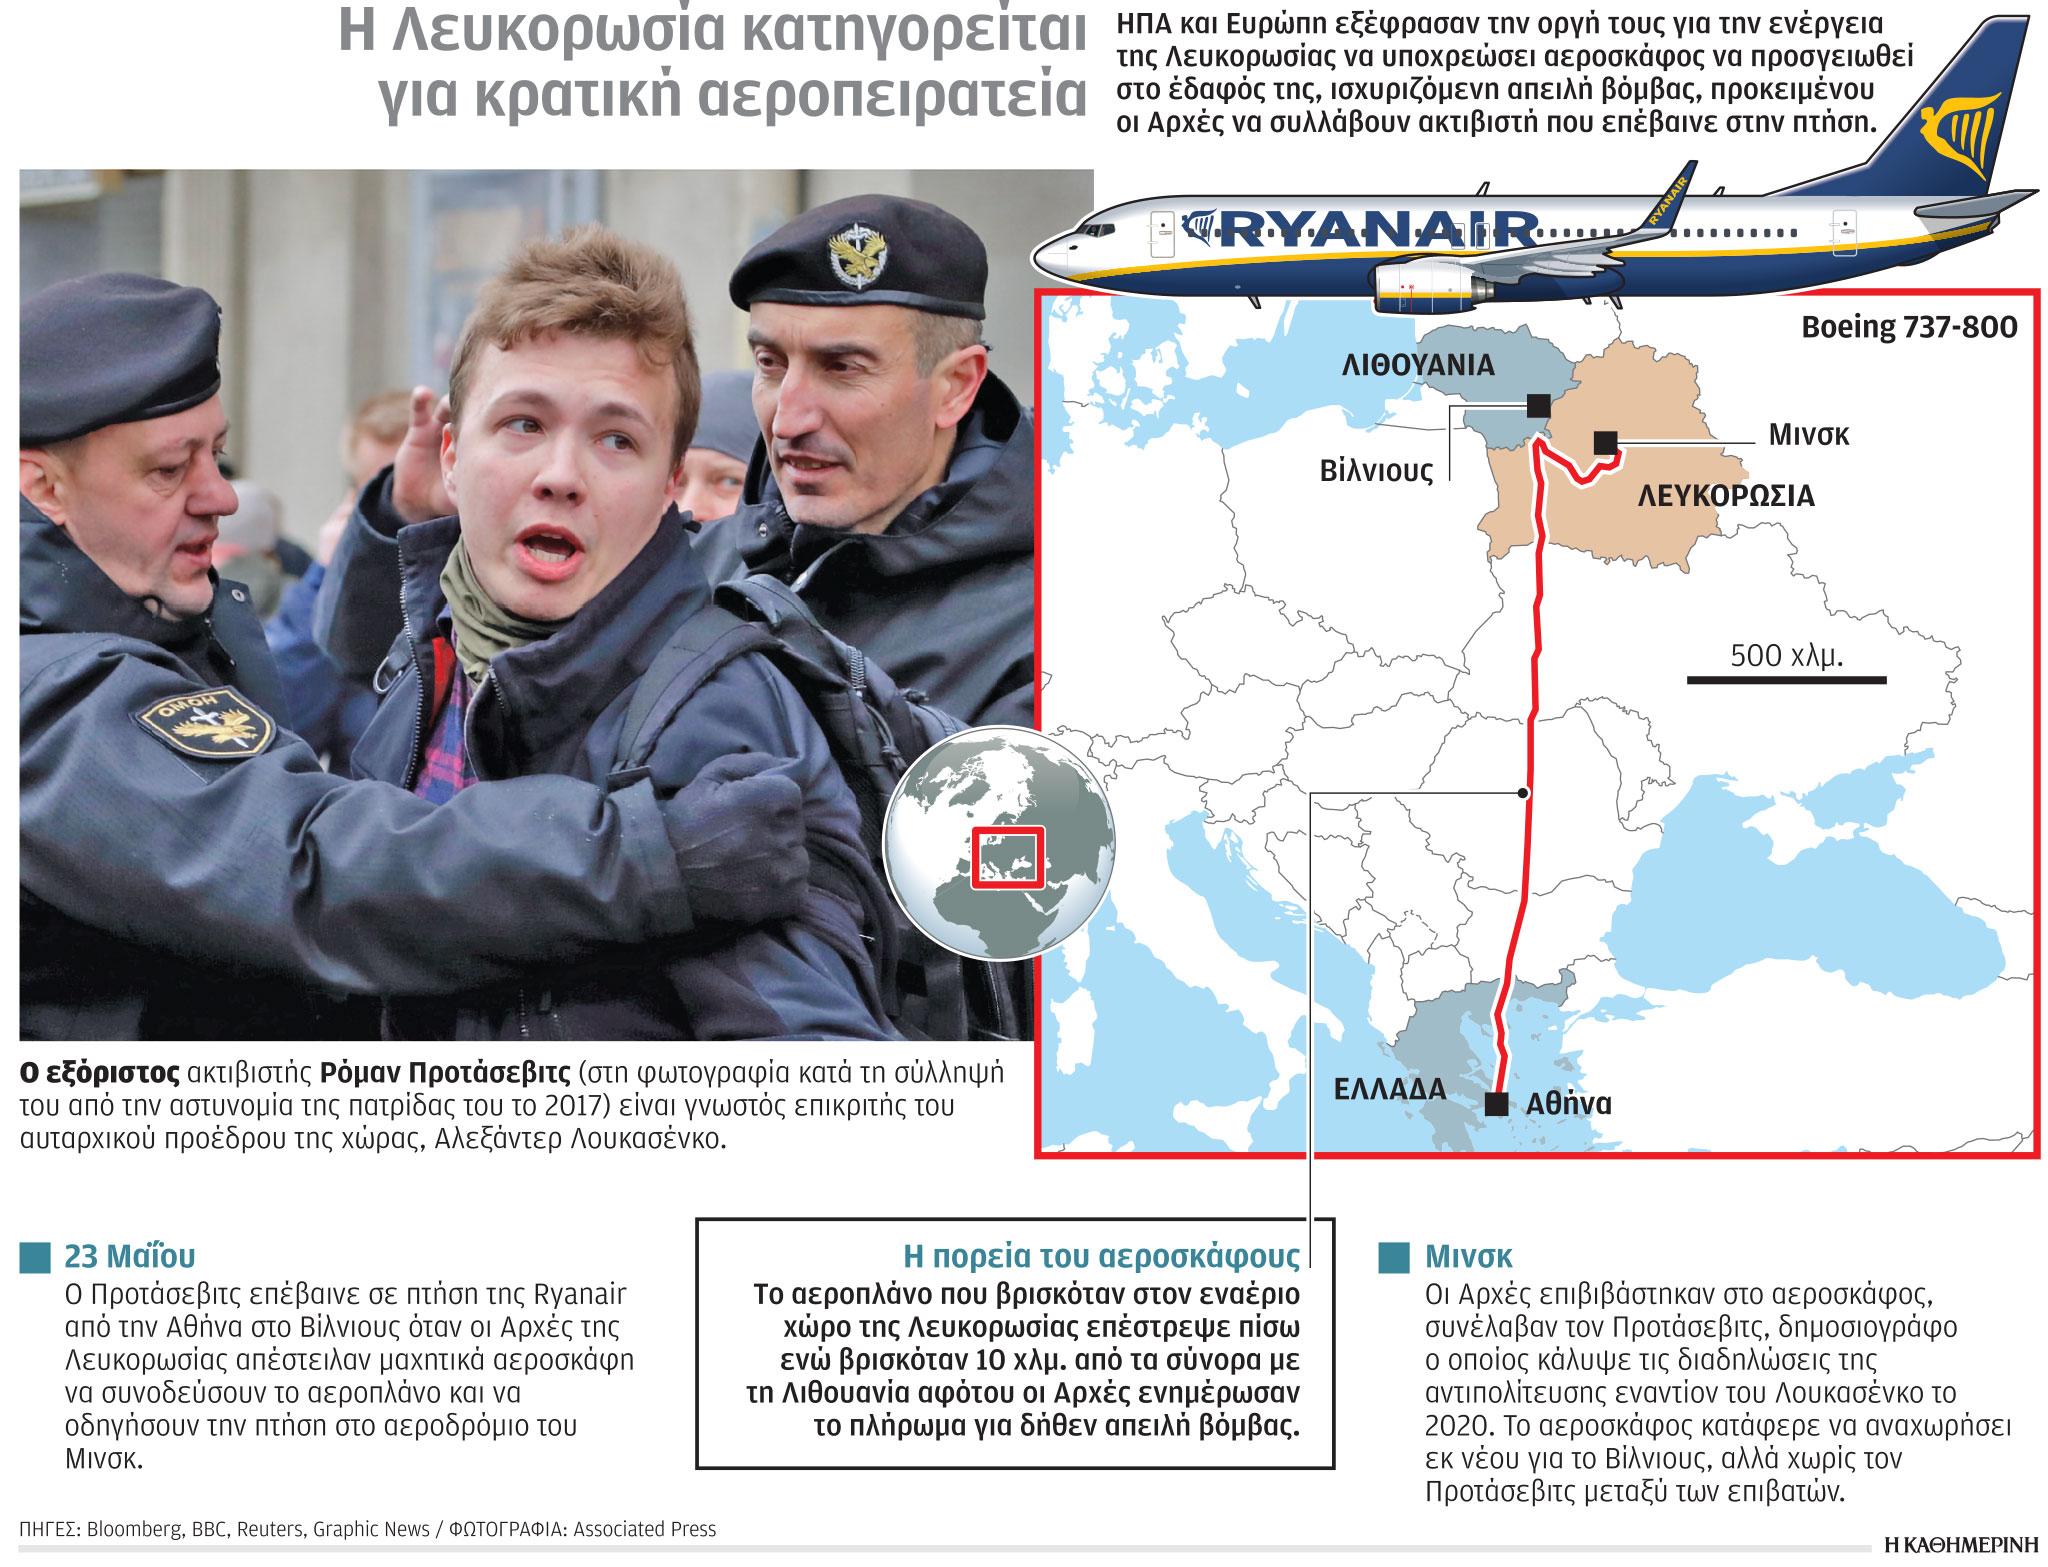 Την απελευθέρωση του Ρ. Προτάσεβιτς ζήτησε η Ε.Ε. | Η ΚΑΘΗΜΕΡΙΝΗ